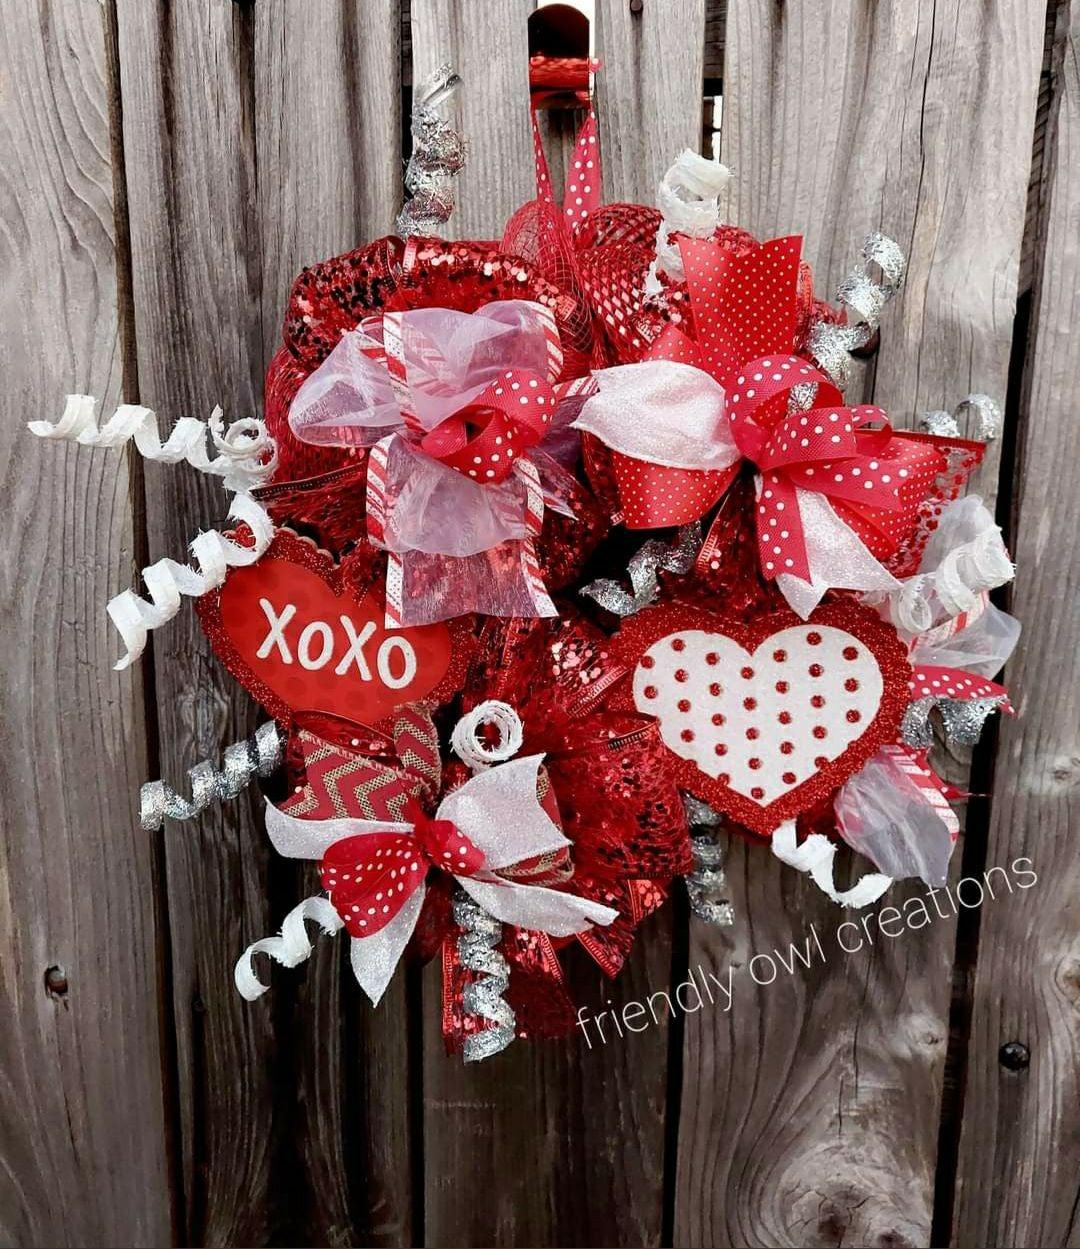 XOXO valentines day wreath